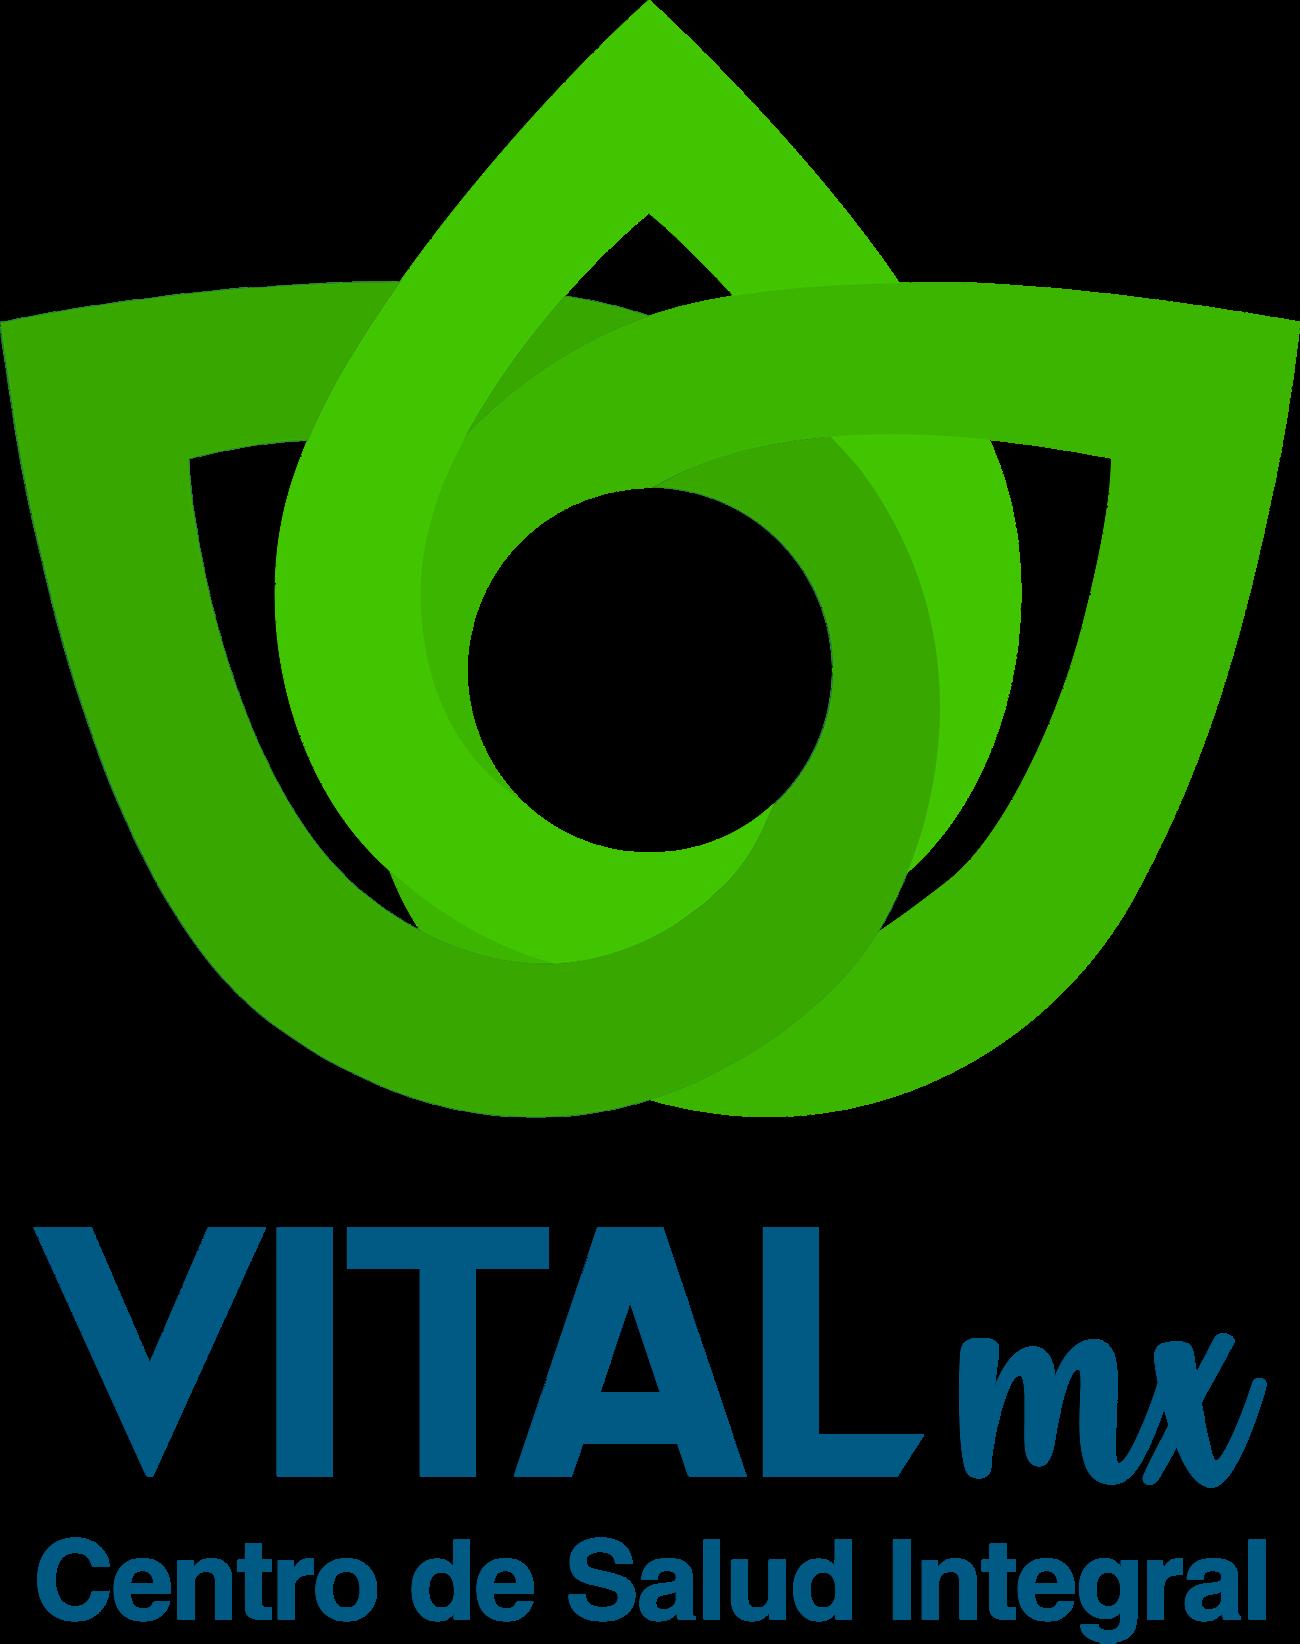 Vital | Homeopatía en Tuxtla Gutiérrez